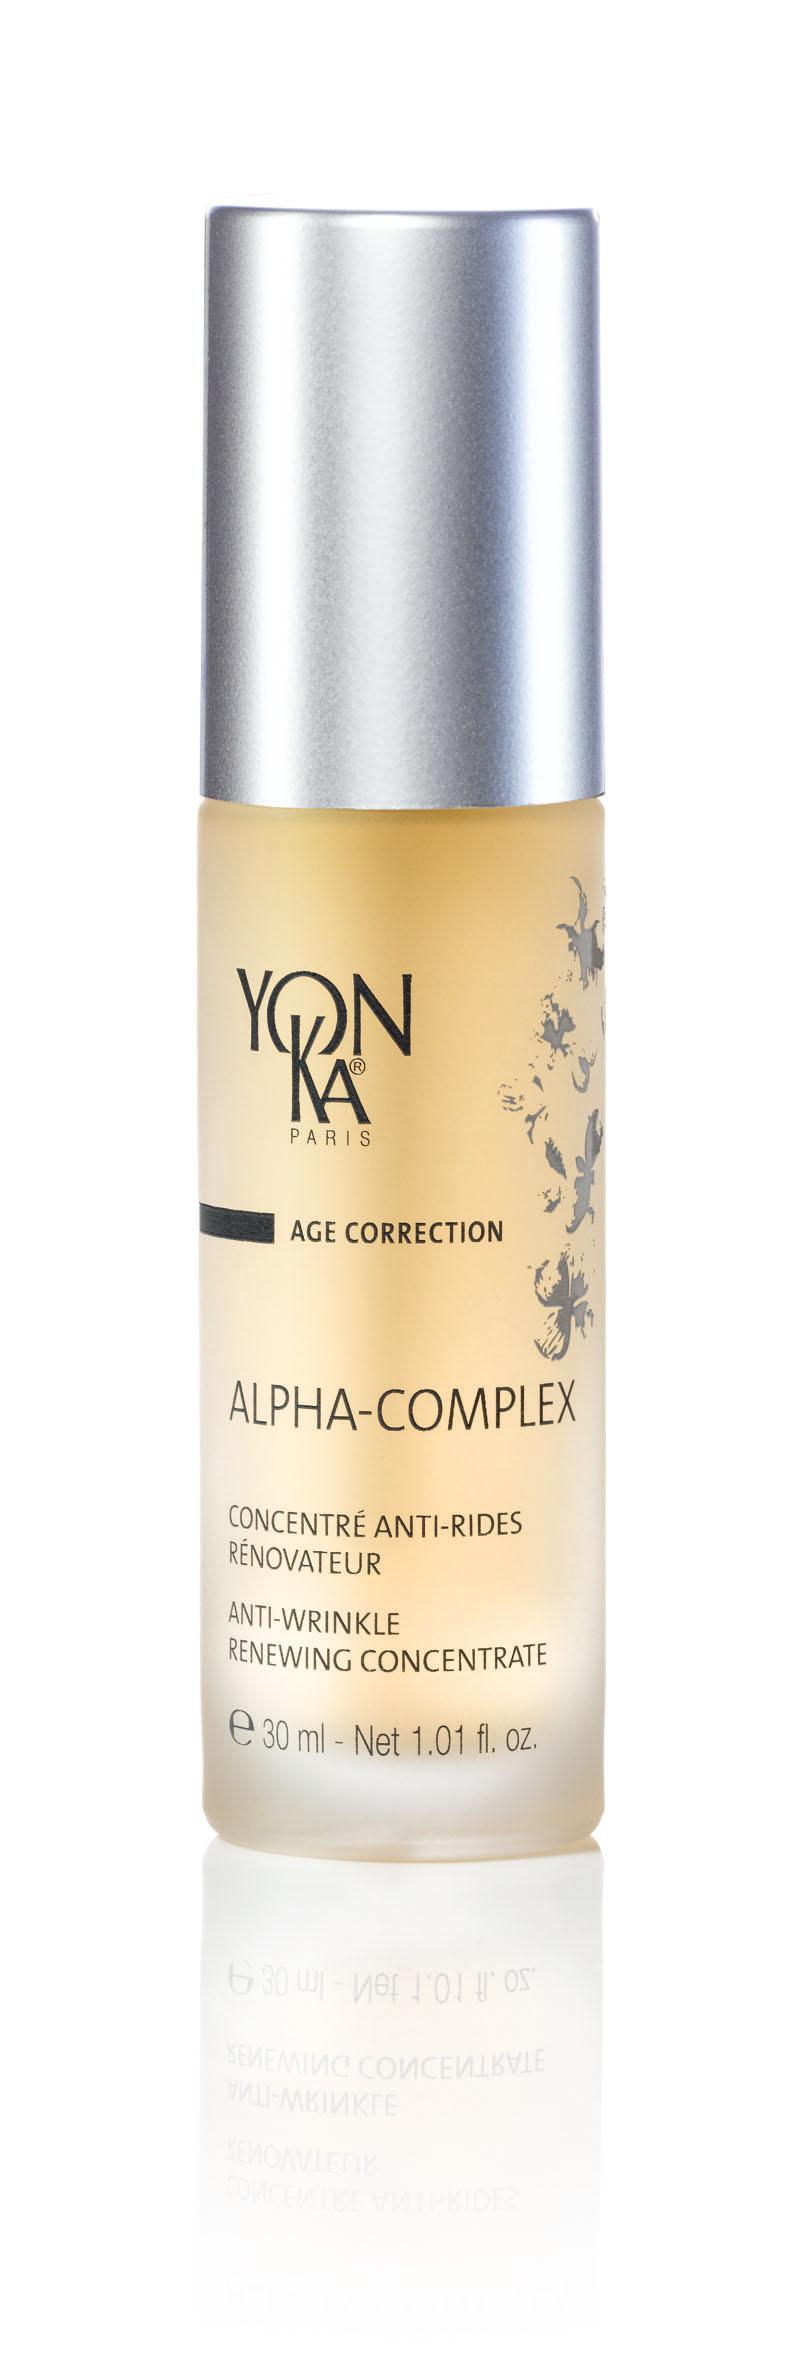 YON KA Гель-эксфолиатор Alpha-complex / AGE CORRECTION 30млГели<br>Интенсивно обновляющий кожу гель является прекрасным средством против старения, активизирует все жизненные функции кожи, не содержит жировых компонентов. - кардинально улучшает структуру эпидермиса, восстанавливает его водный баланс. - Уменьшает глубокие и мелкие морщины - Осветляет кожу, придает ей перламутровое сияние - Способствует удалению старых клеток с поверхности кожи, делая её шелковистой и нежной. Активные ингредиенты: лимон, пассифлора, виноград и ананас, богатые AHA (фруктовые кислоты), гиалуроновая кислота, мочевина, алоэ вера, мимоза, пептиды почек бука, витамин B5. Способ применения: наносить вечером на кожу лица и шеи после очищения и распыления лосьона Yon-Ka. При чувствительной коже рекомендуется наносить поверх ALPHA-COMPLEX свой ночной крем.<br><br>Объем: 30 мл<br>Вид средства для лица: Восстанавливающий<br>Назначение: Морщины